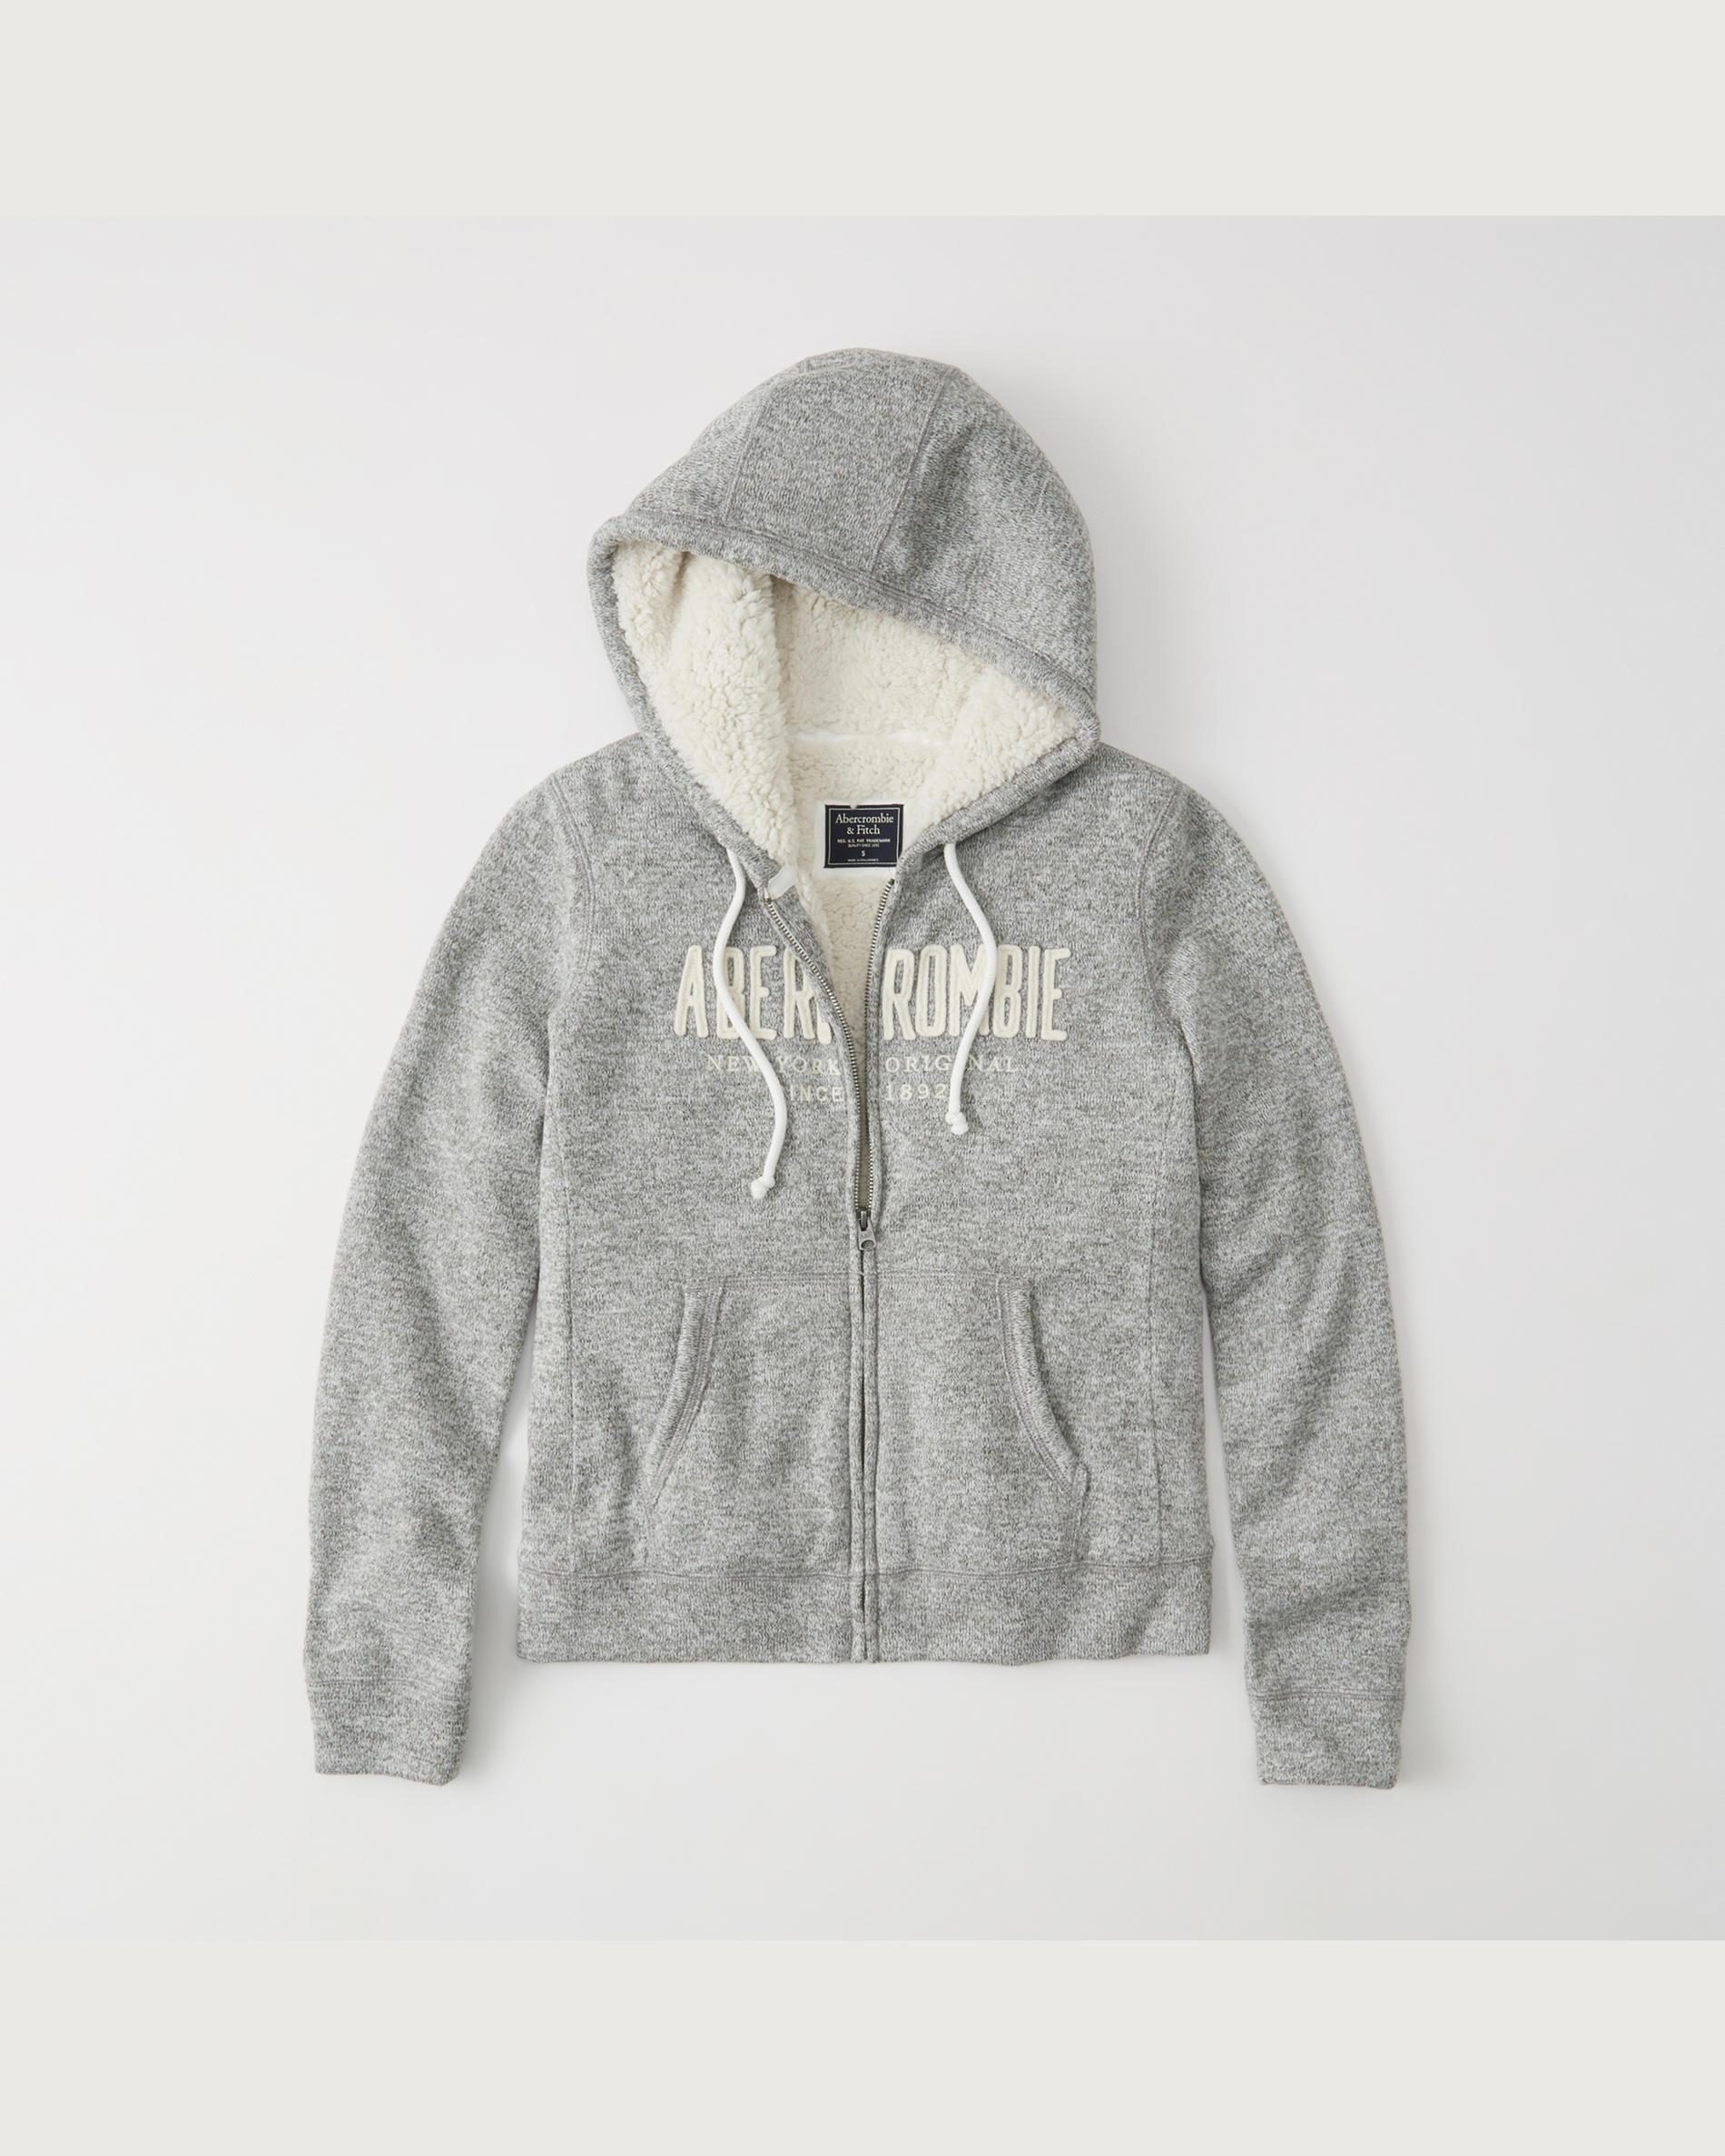 A&F:女裝抓毛衛衣只賣$28.60